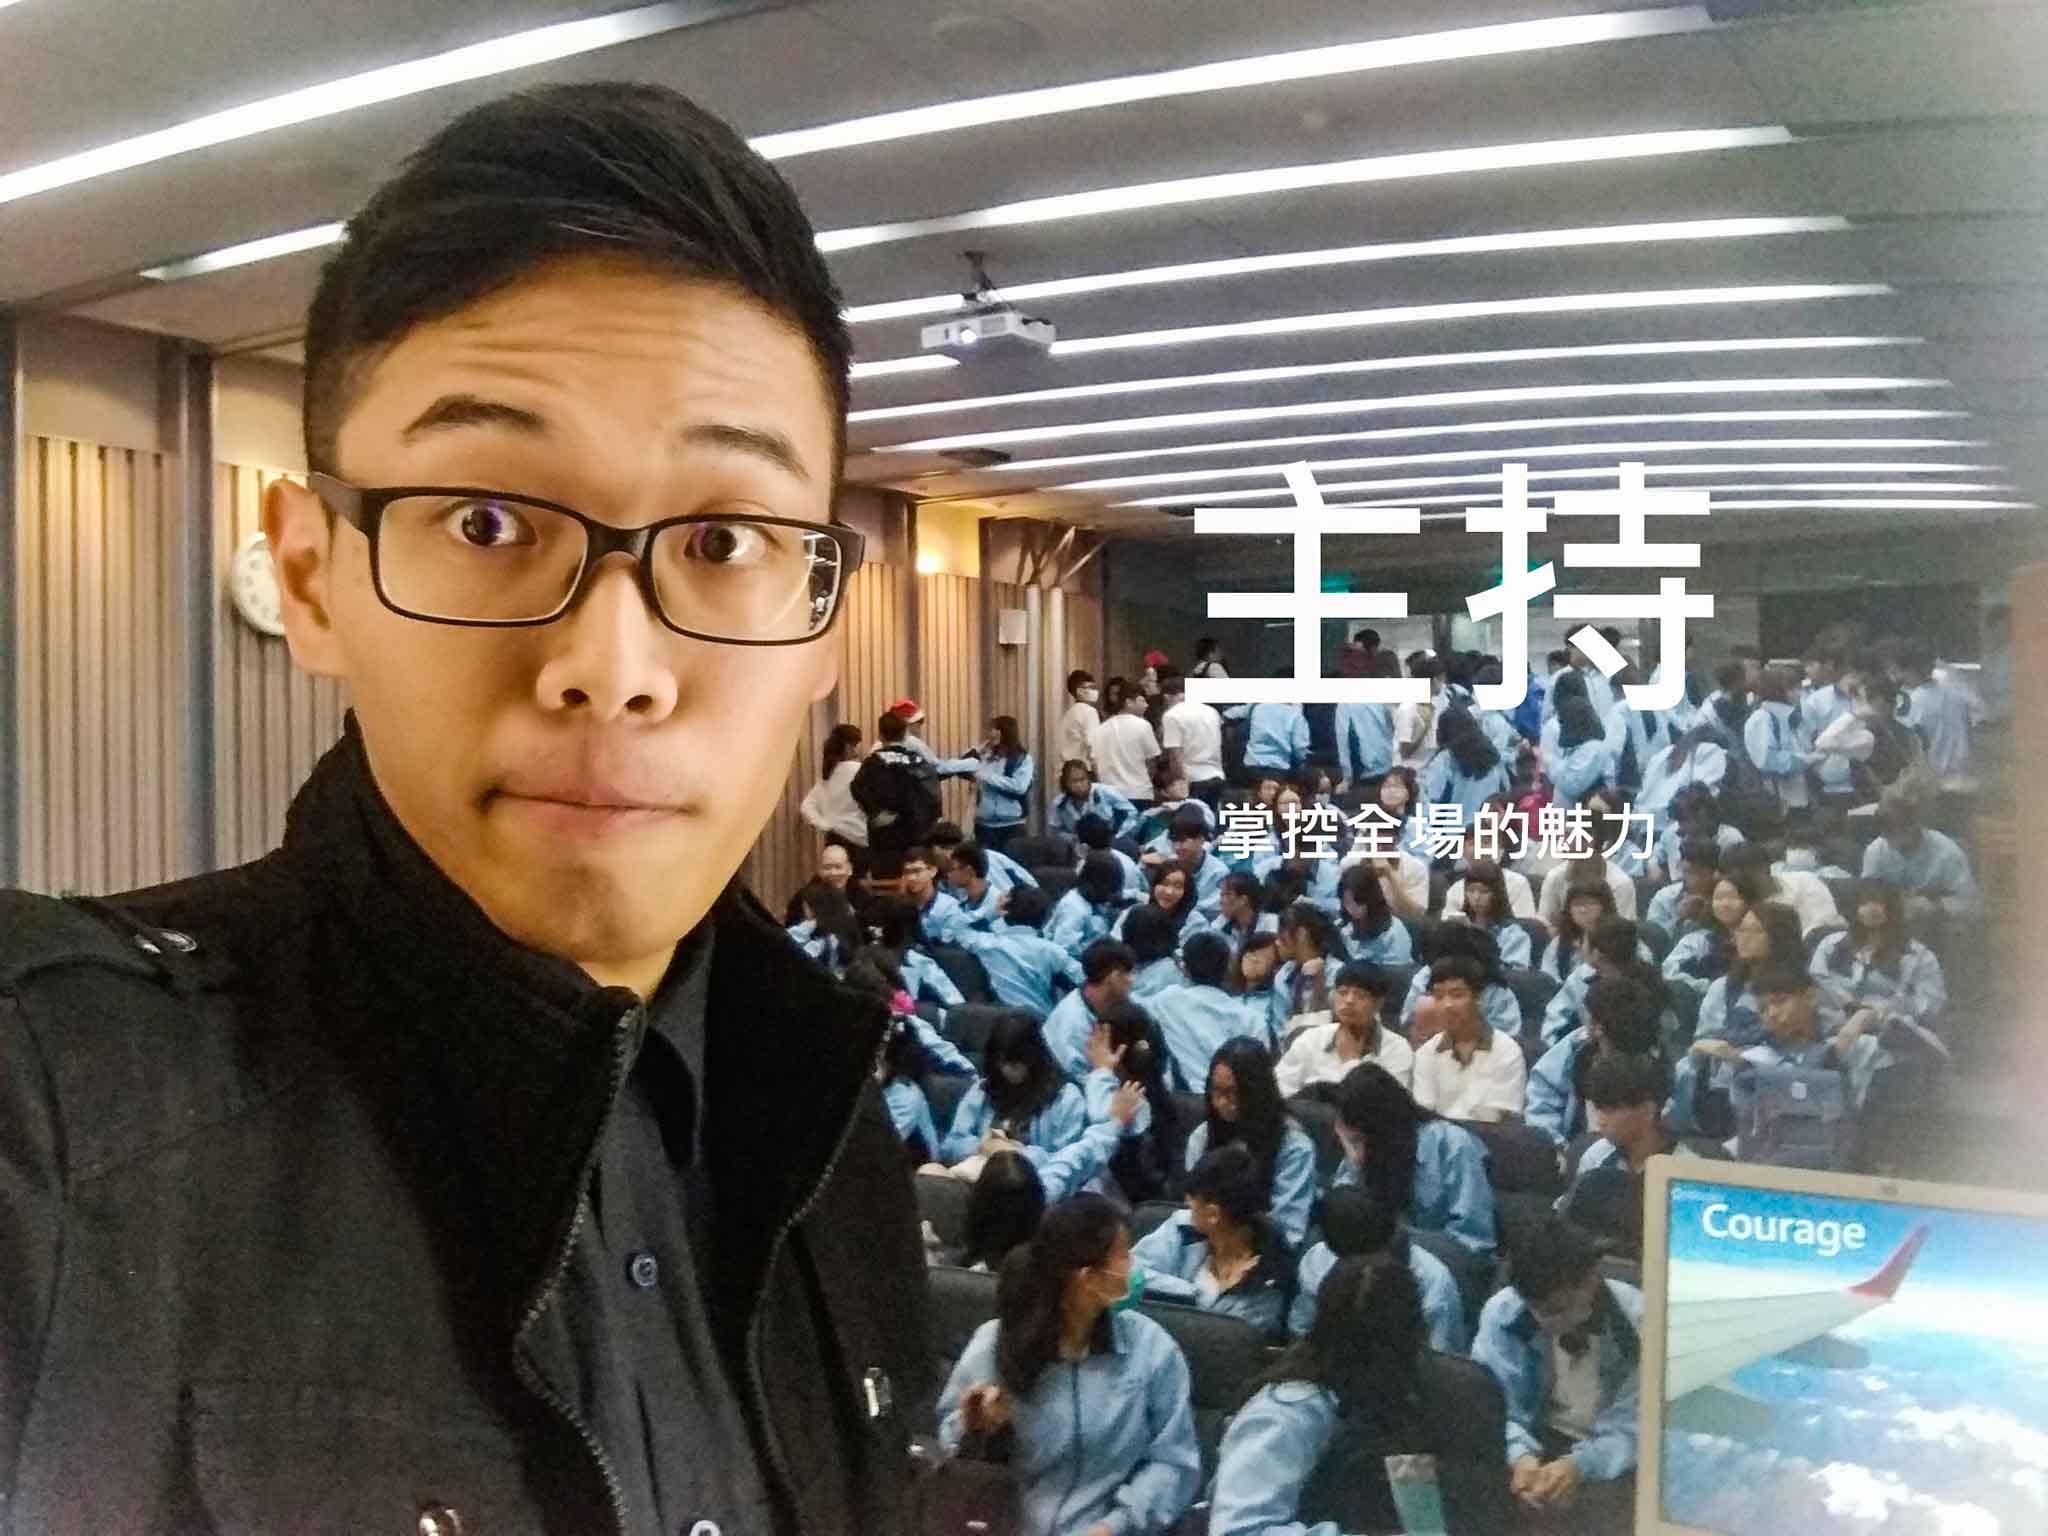 大學生愛分享_逢甲大學國際經營與貿易學系江柏昇_受邀主持活動和分享經驗